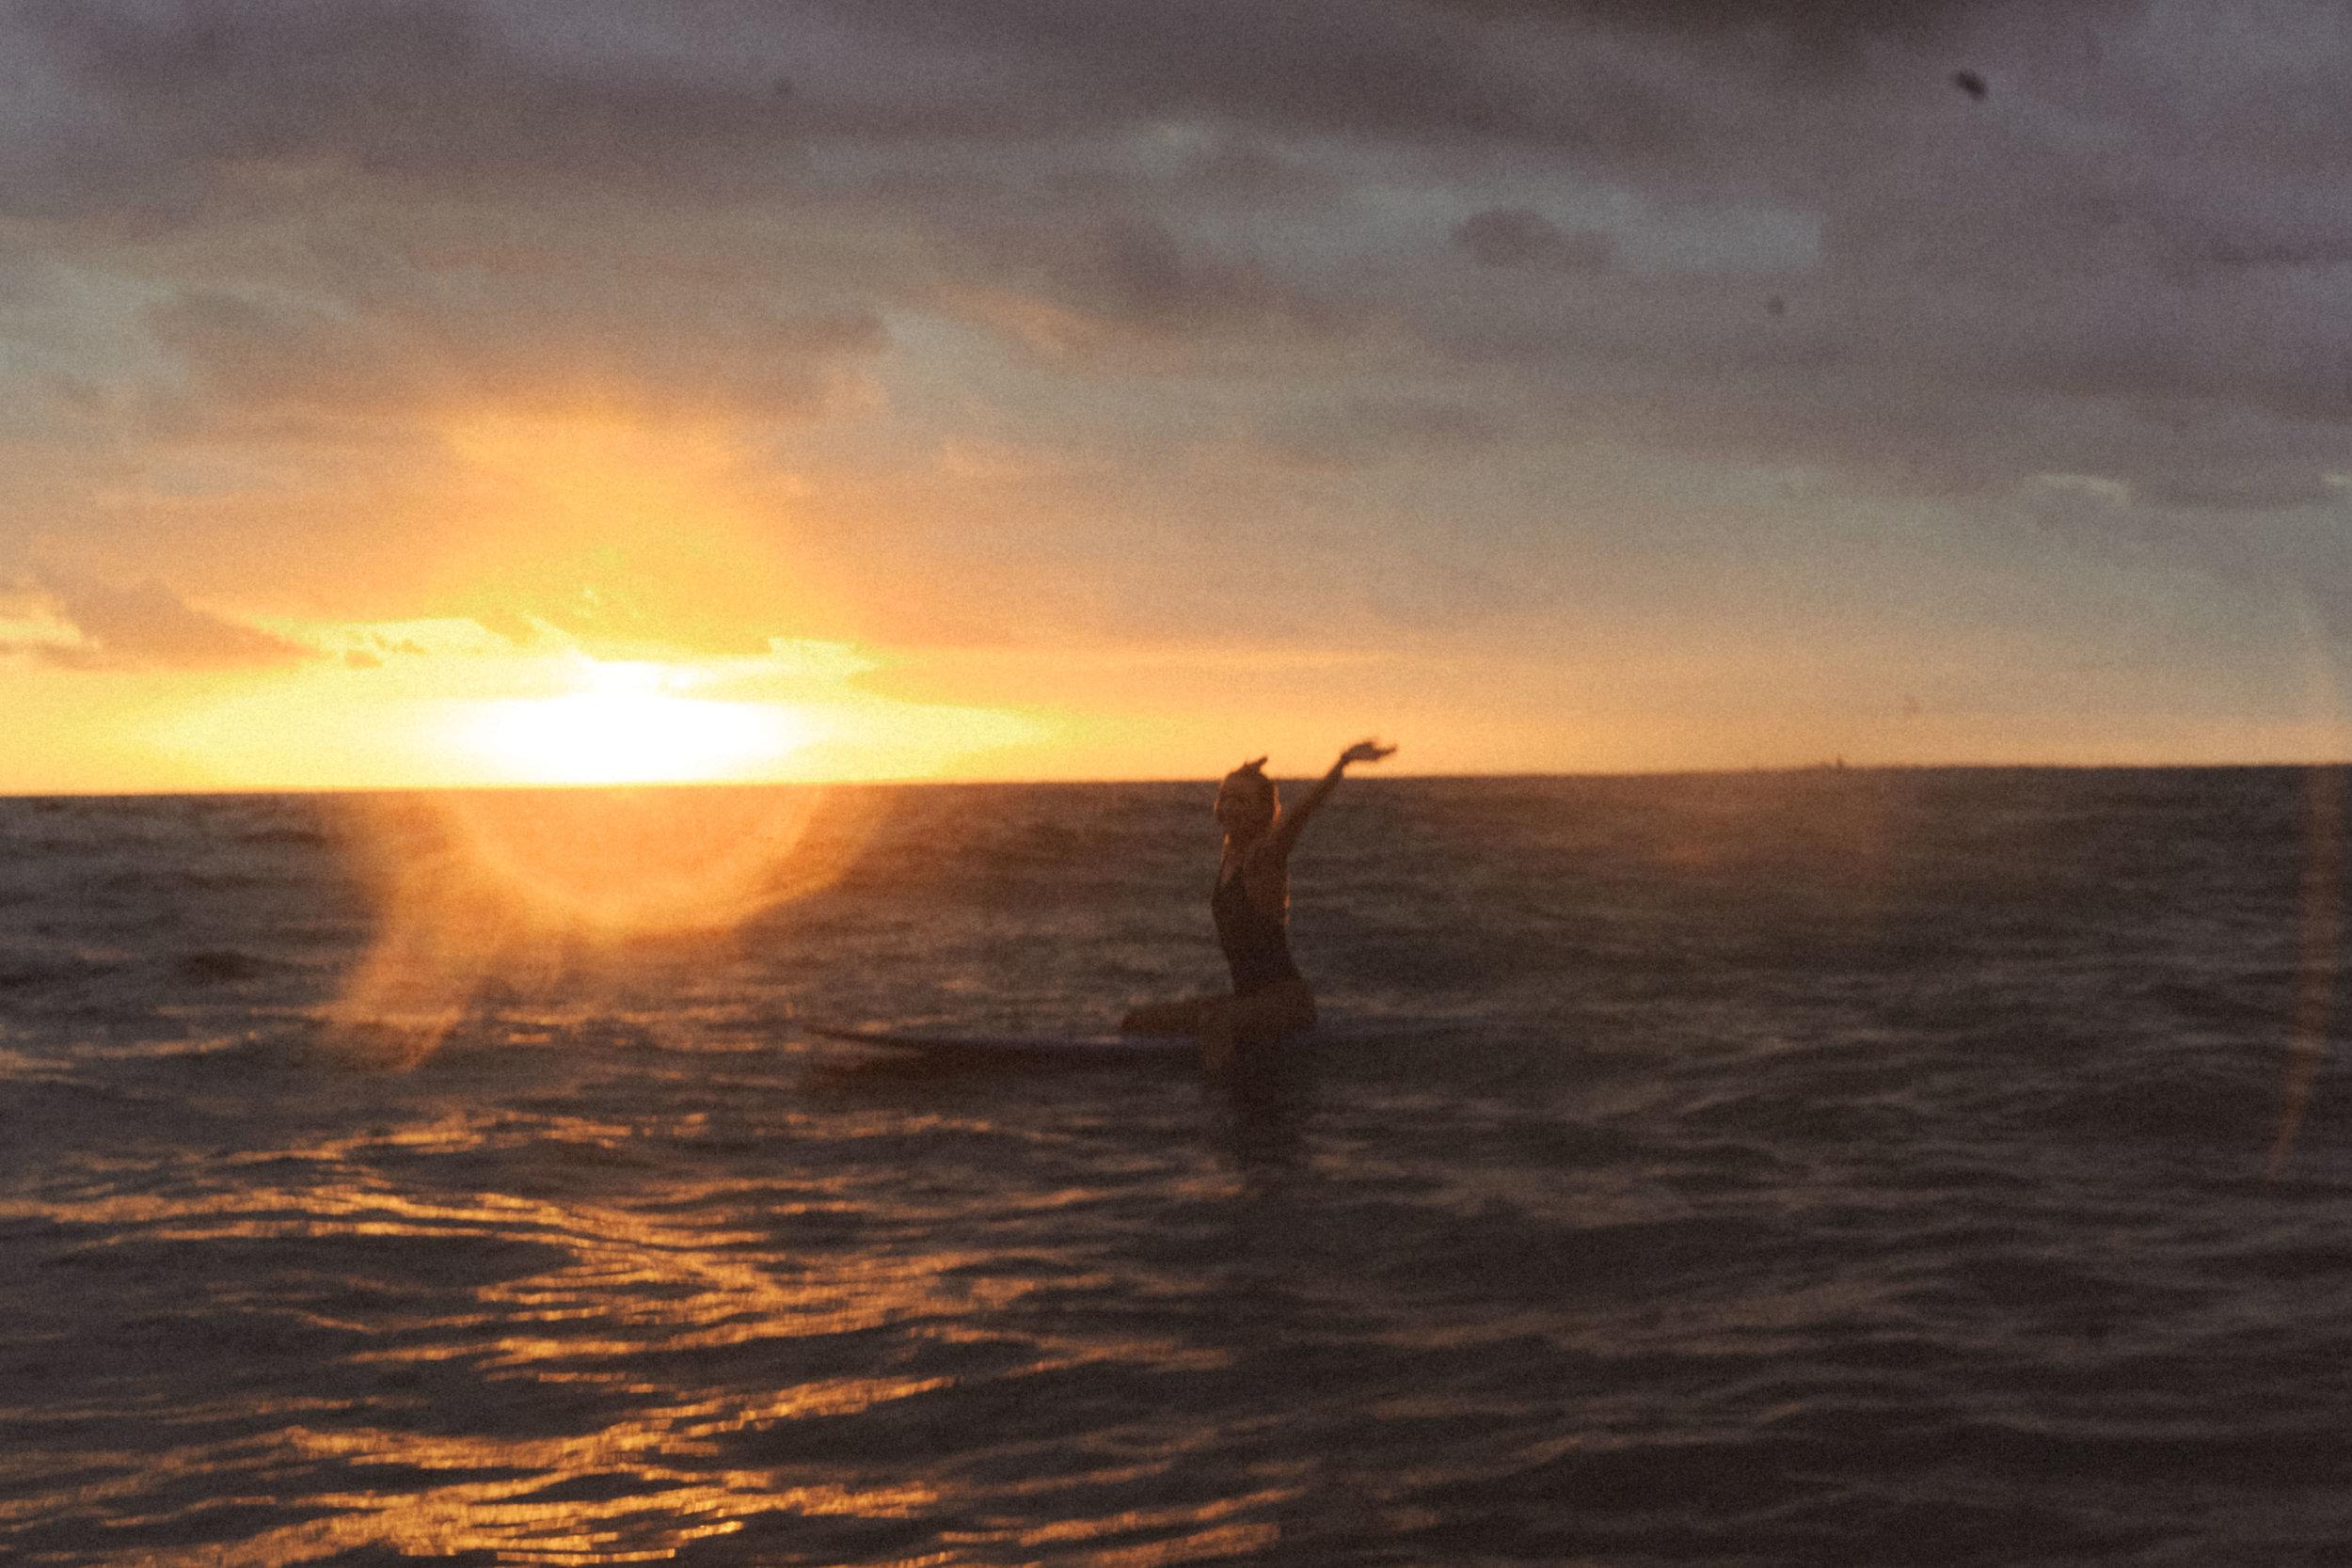 erik_winter_surf_surfing_16.jpg